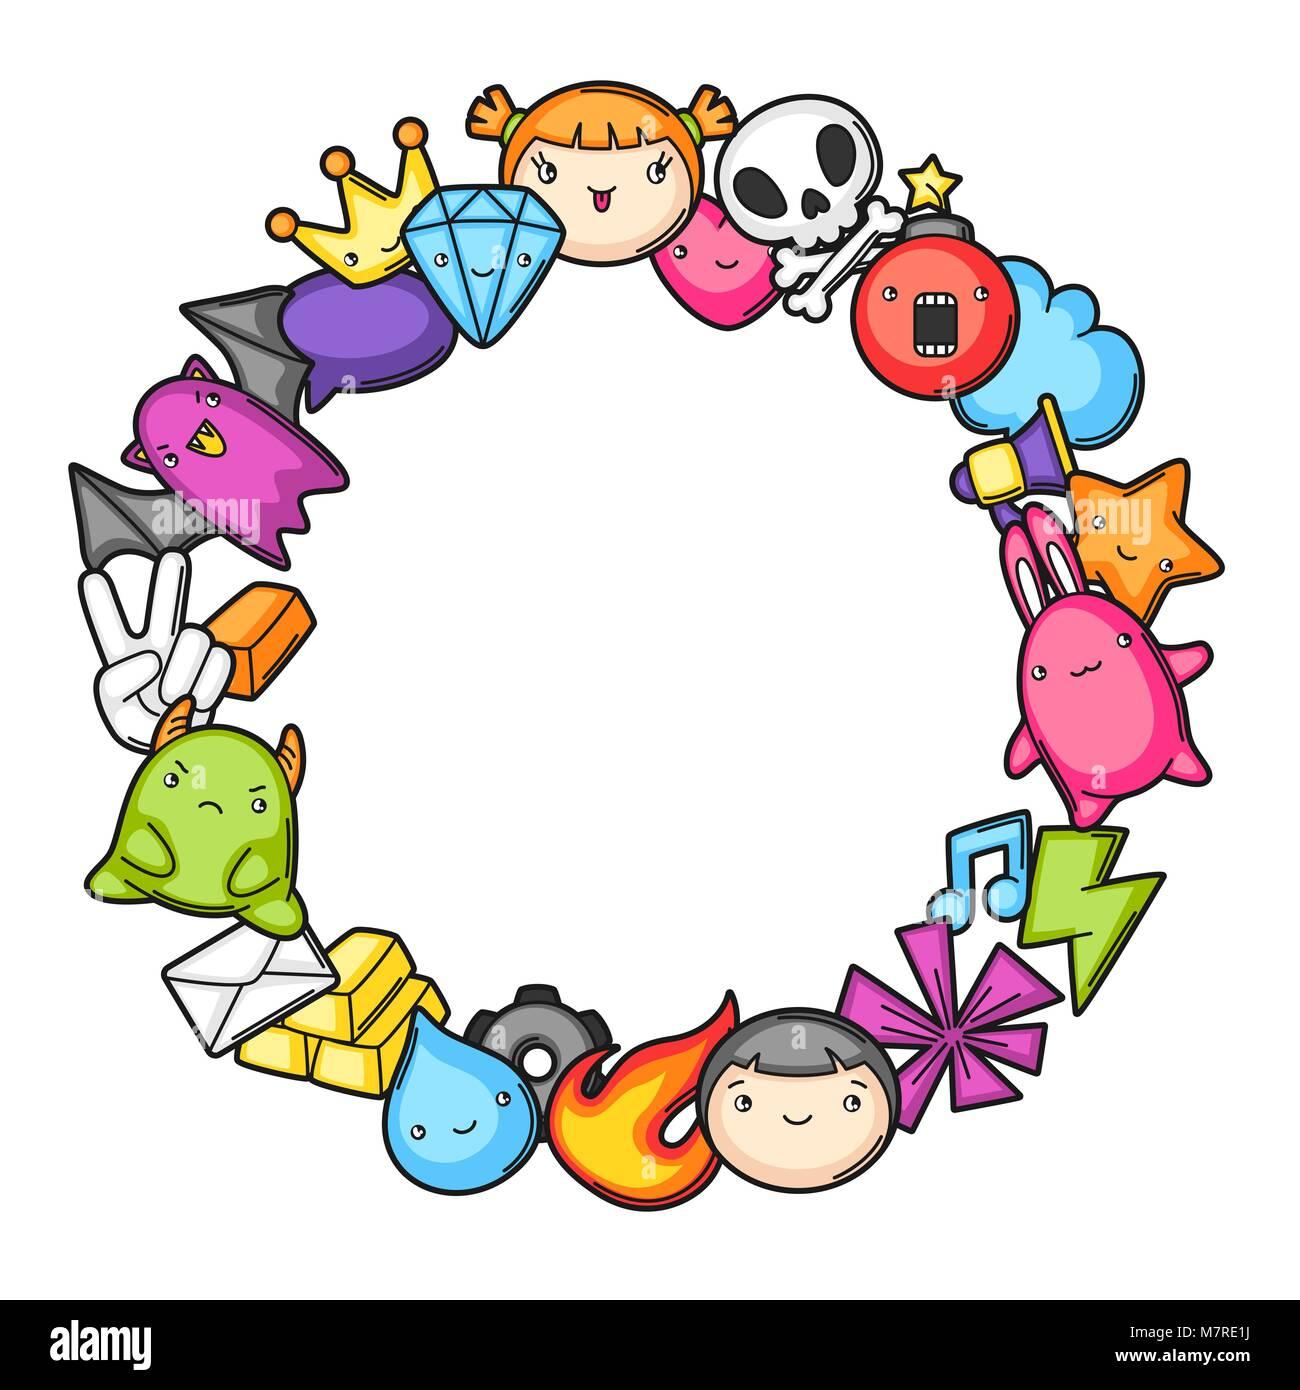 Juego Kawaii Bastidor Elementos De Diseno De Juegos Cute Objetos Y